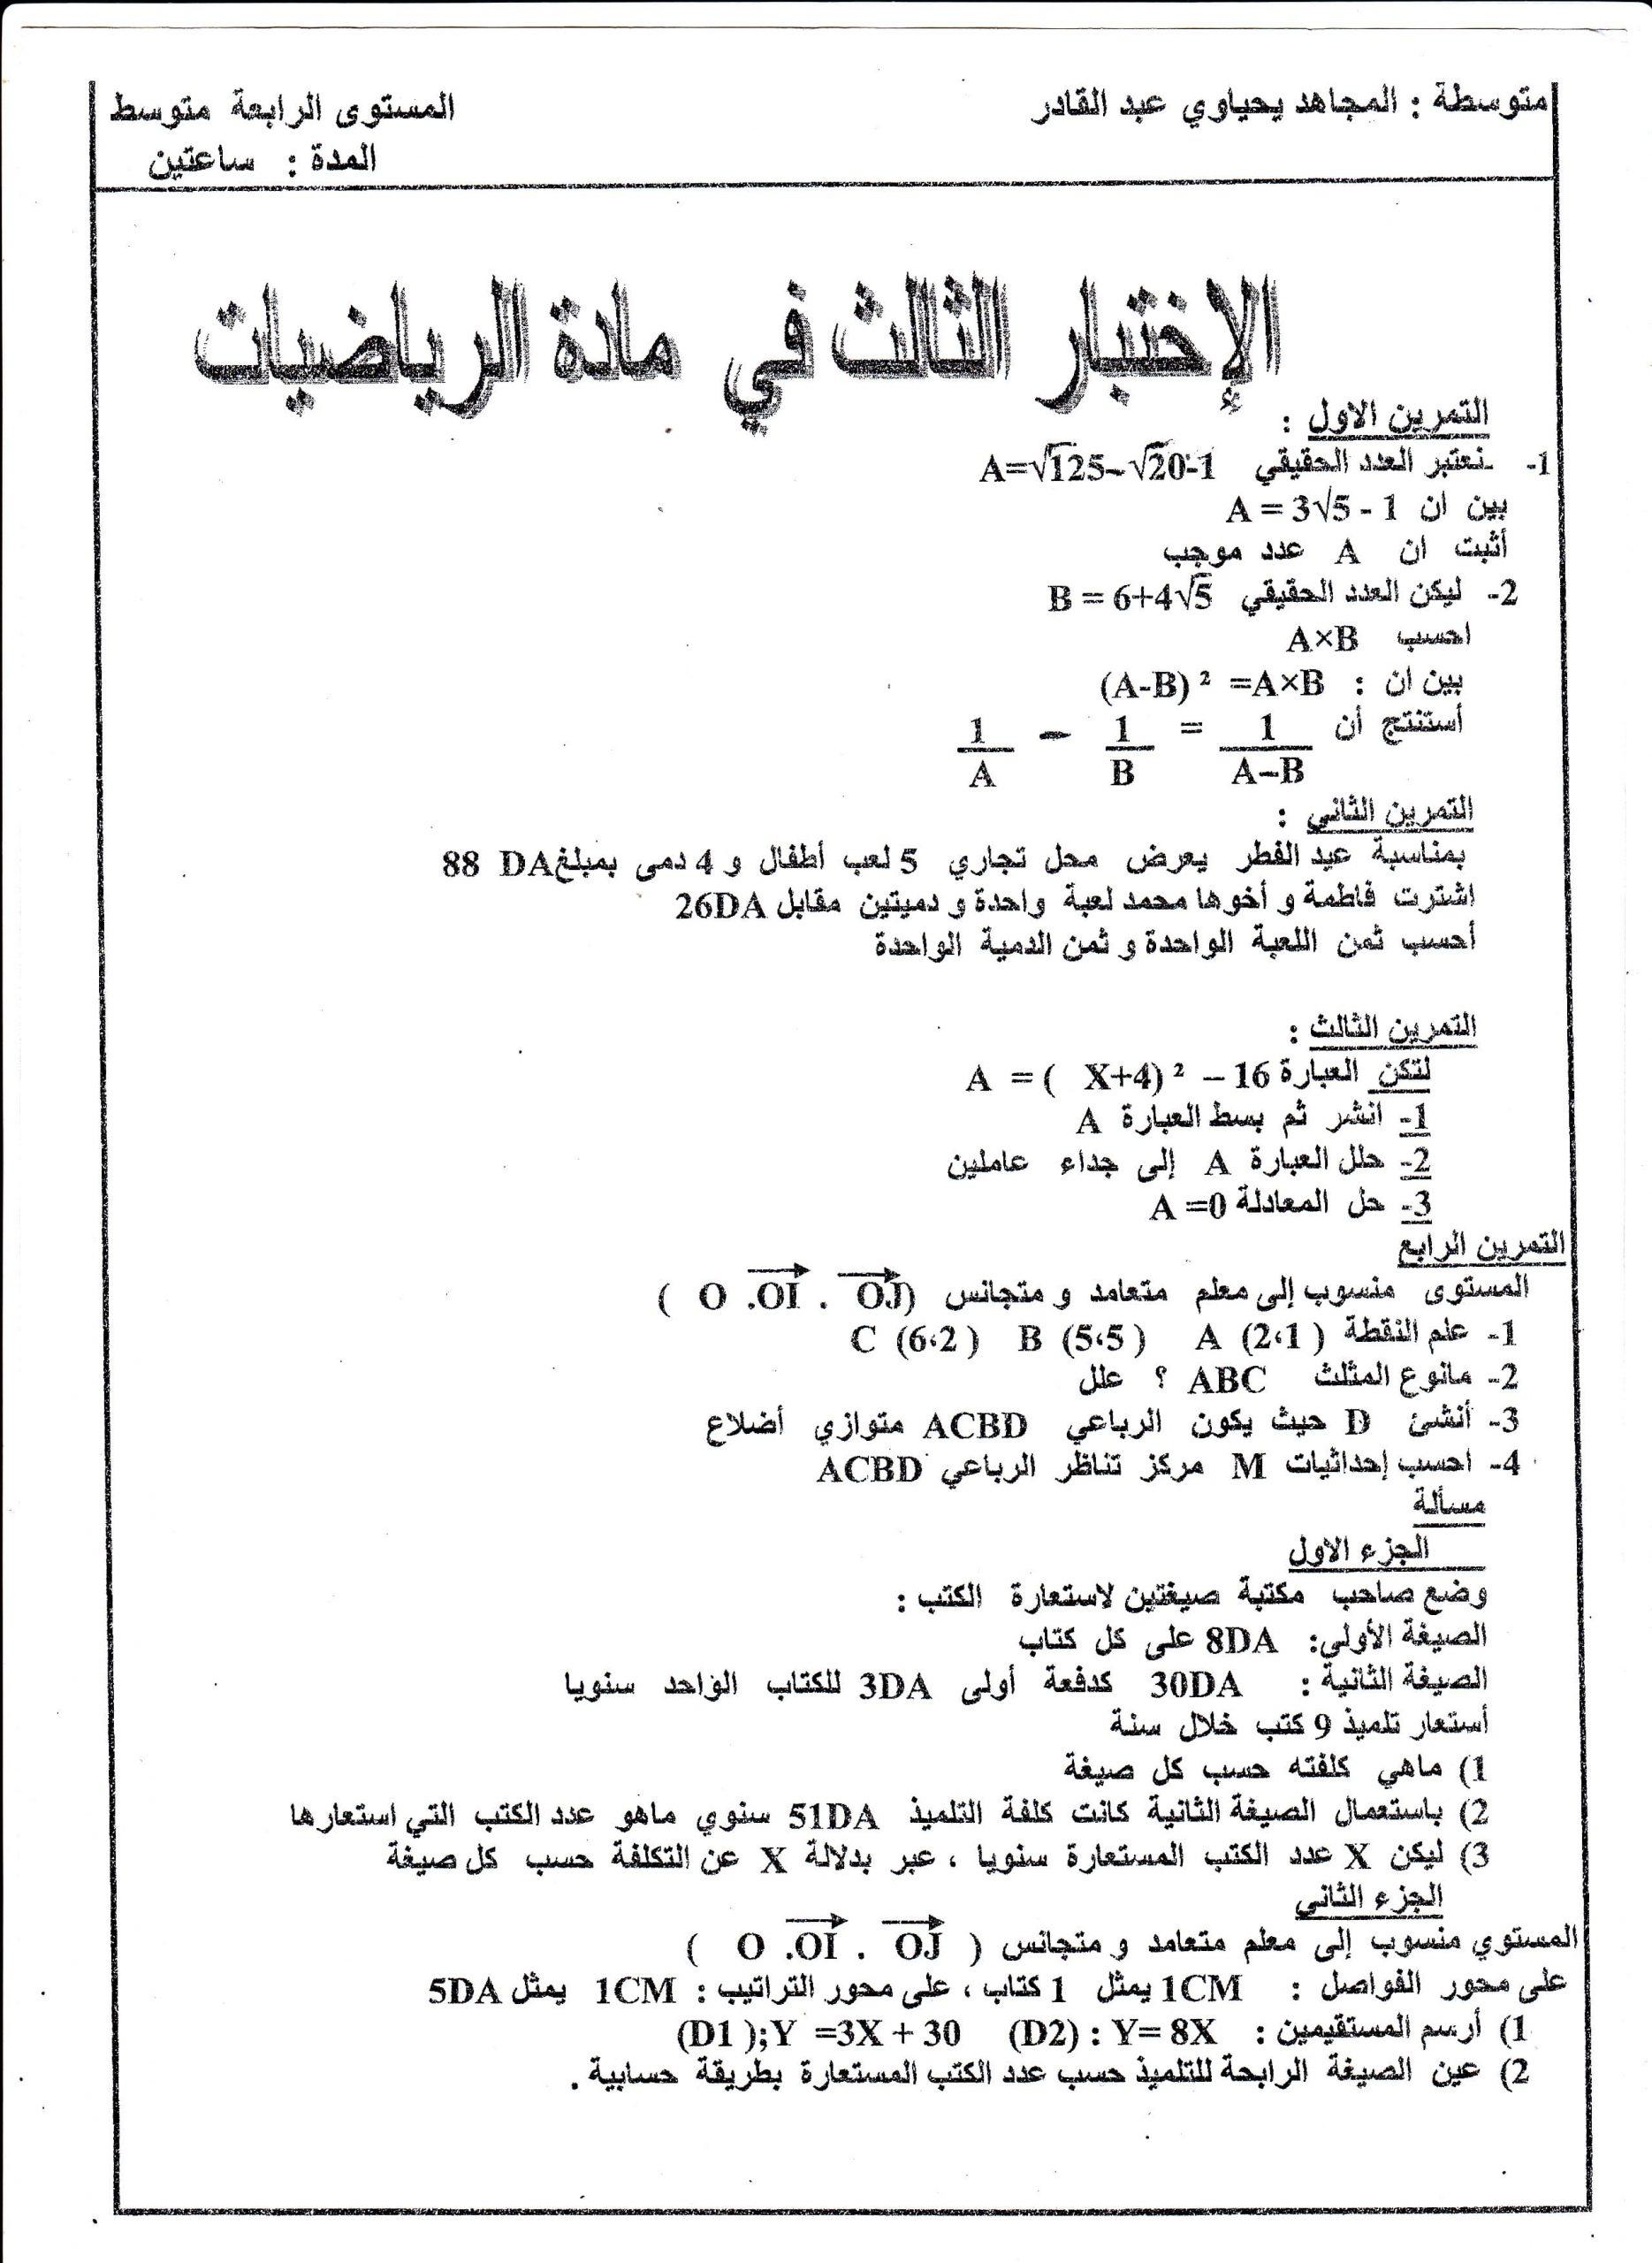 اختبار الفصل الثالث في مادة الرياضيات السنة الرابعة متوسط   الموضوع 05